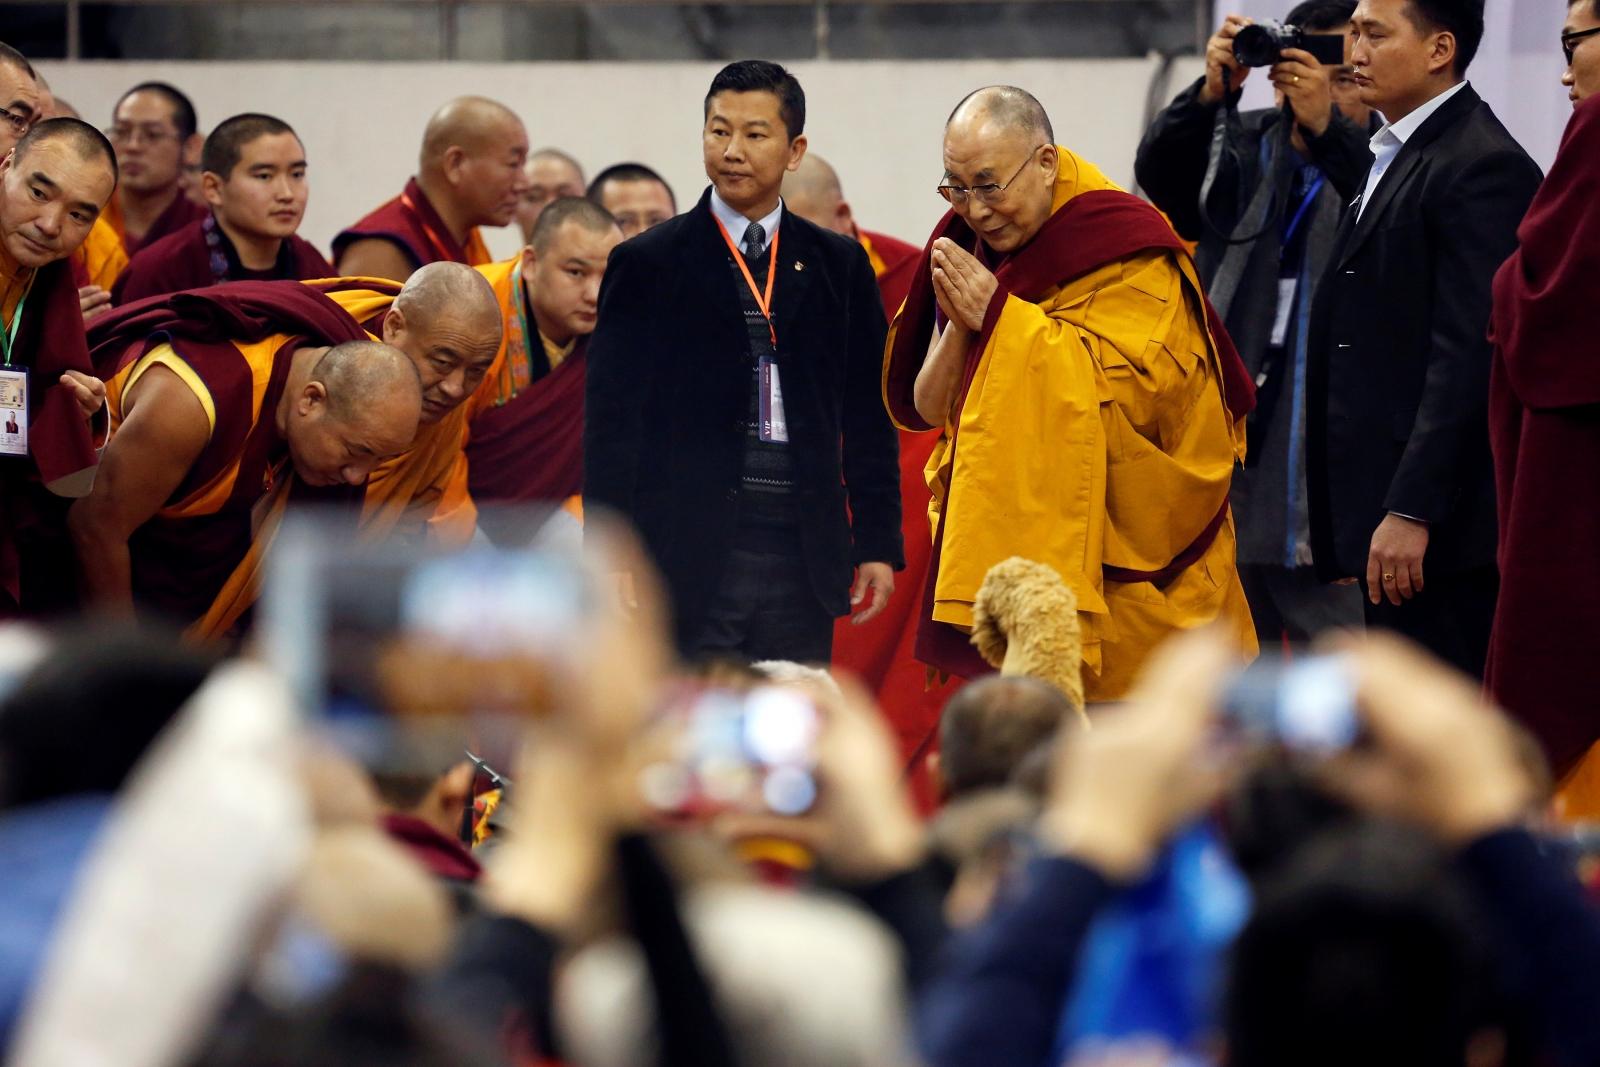 Dalai Lama Mongolia visit